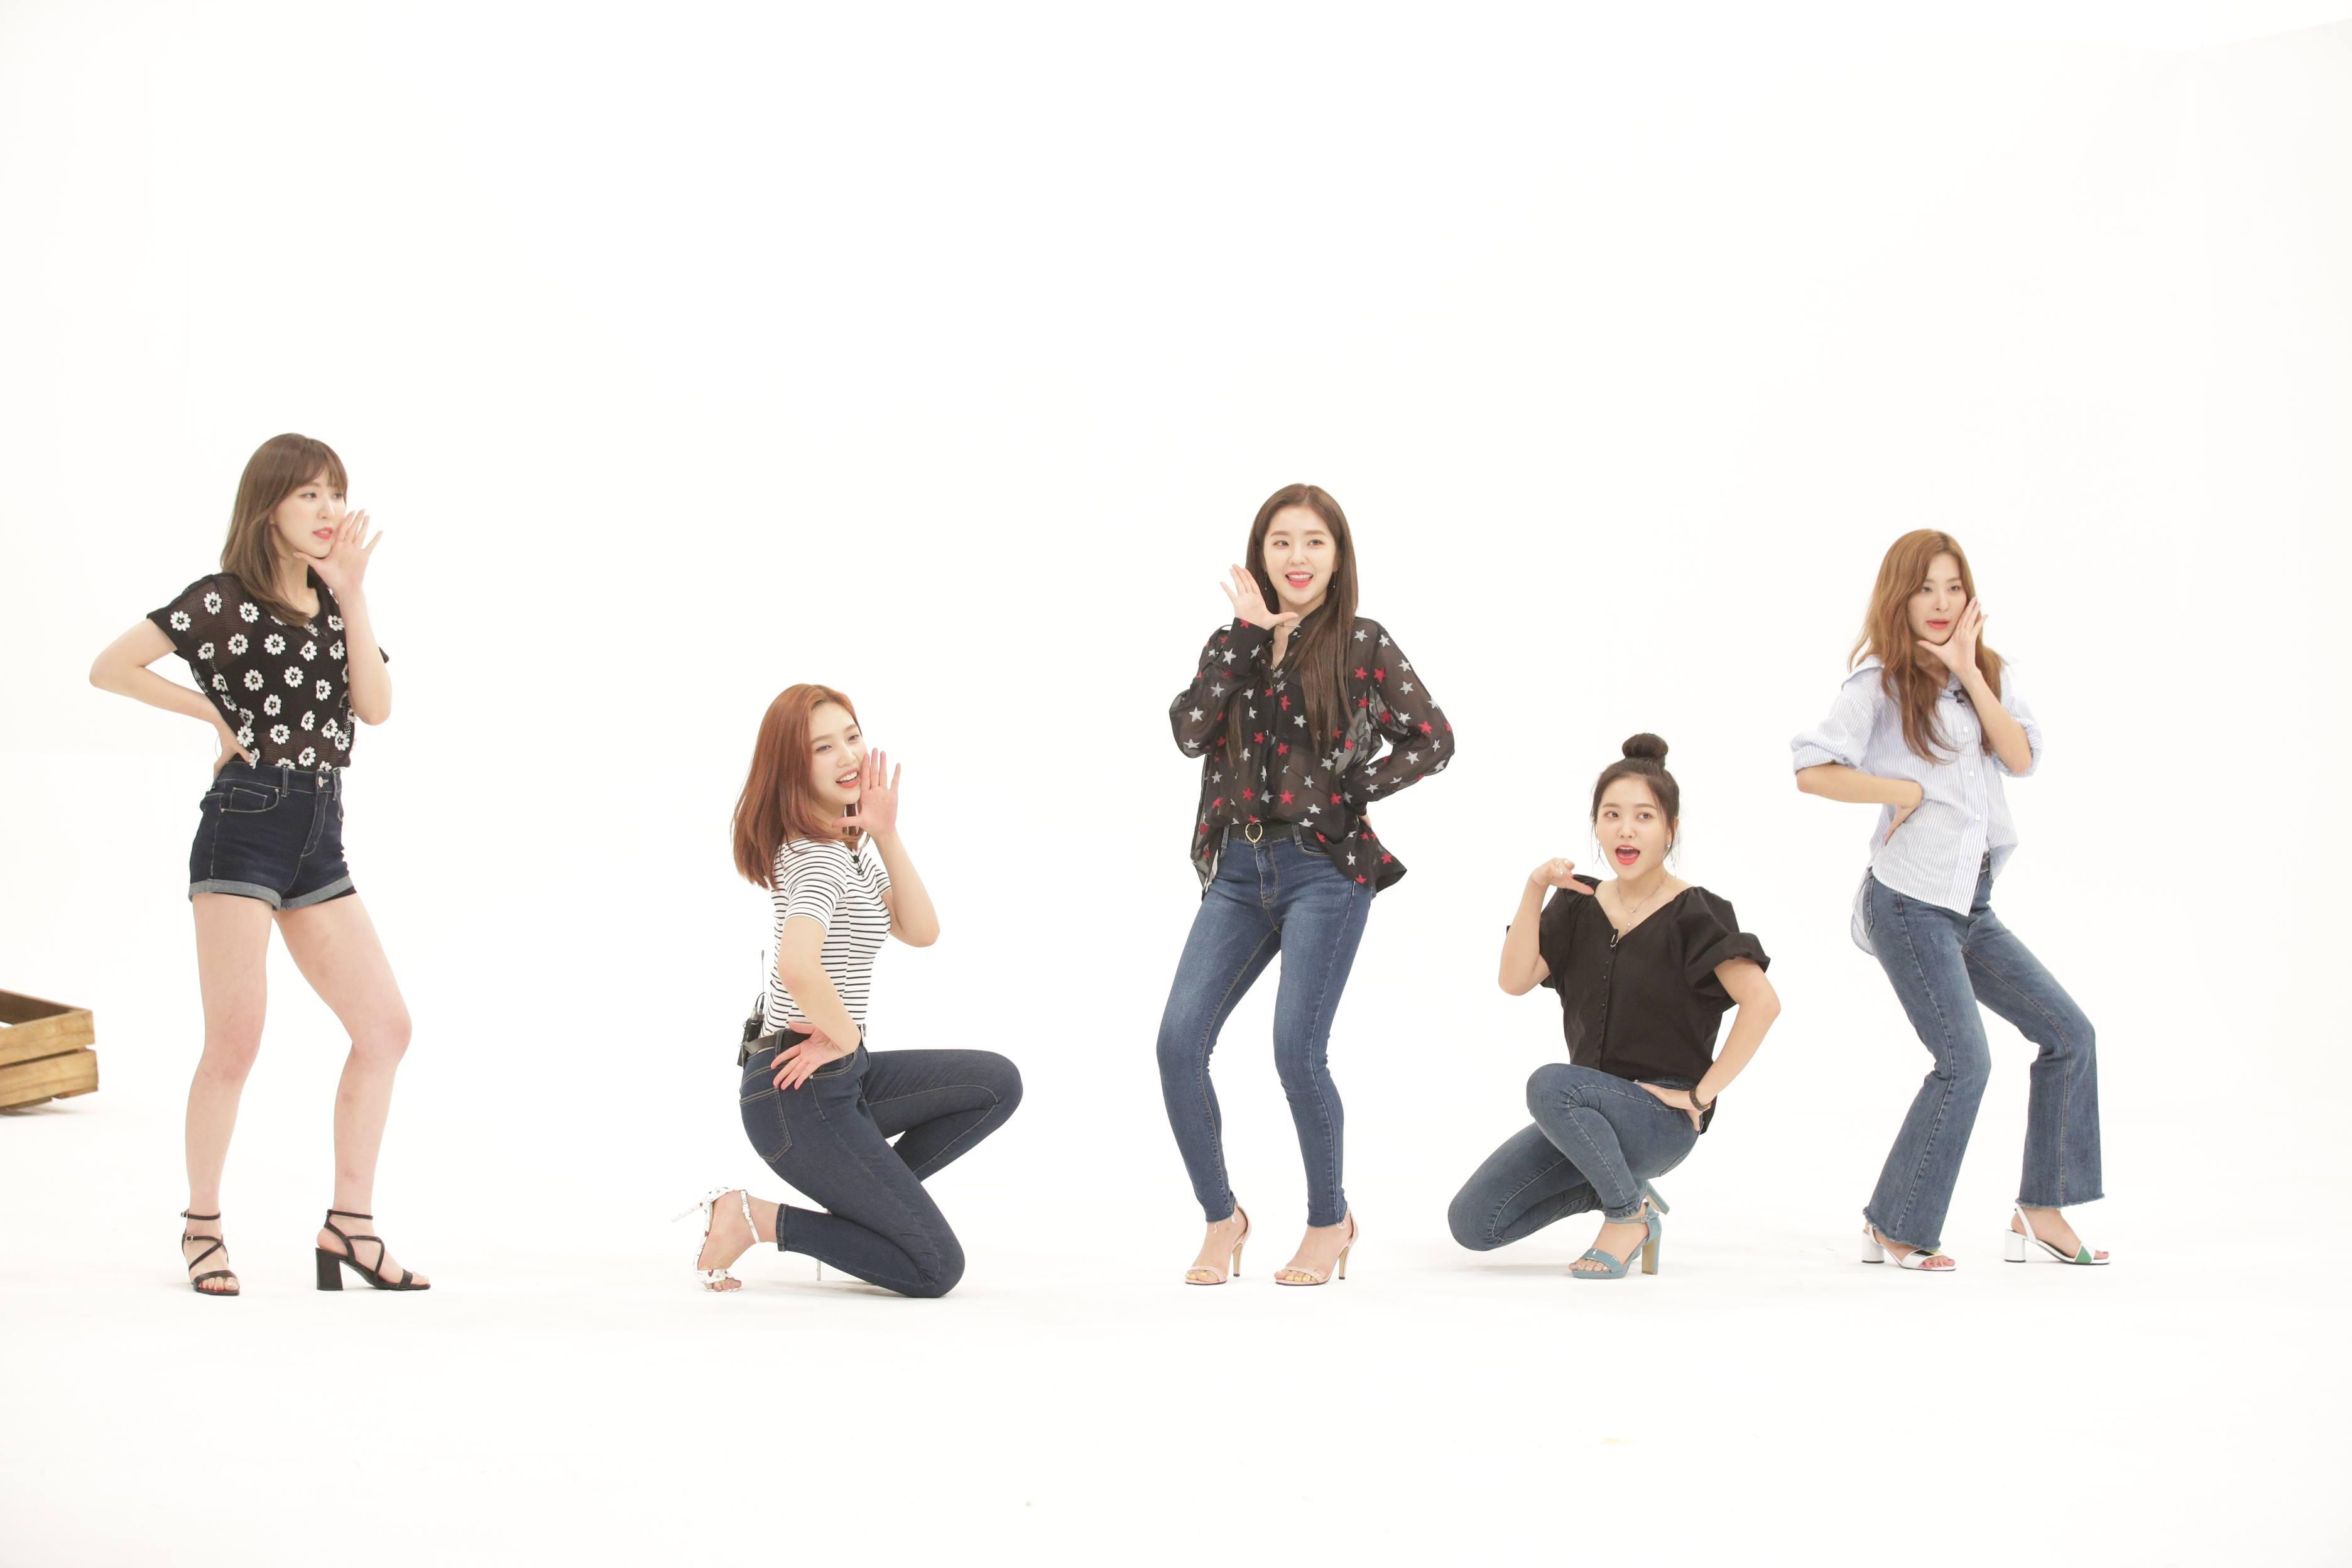 레드벨벳, 'Power Up' 2배속 댄스 최초 공개! 역대급 비트 등장